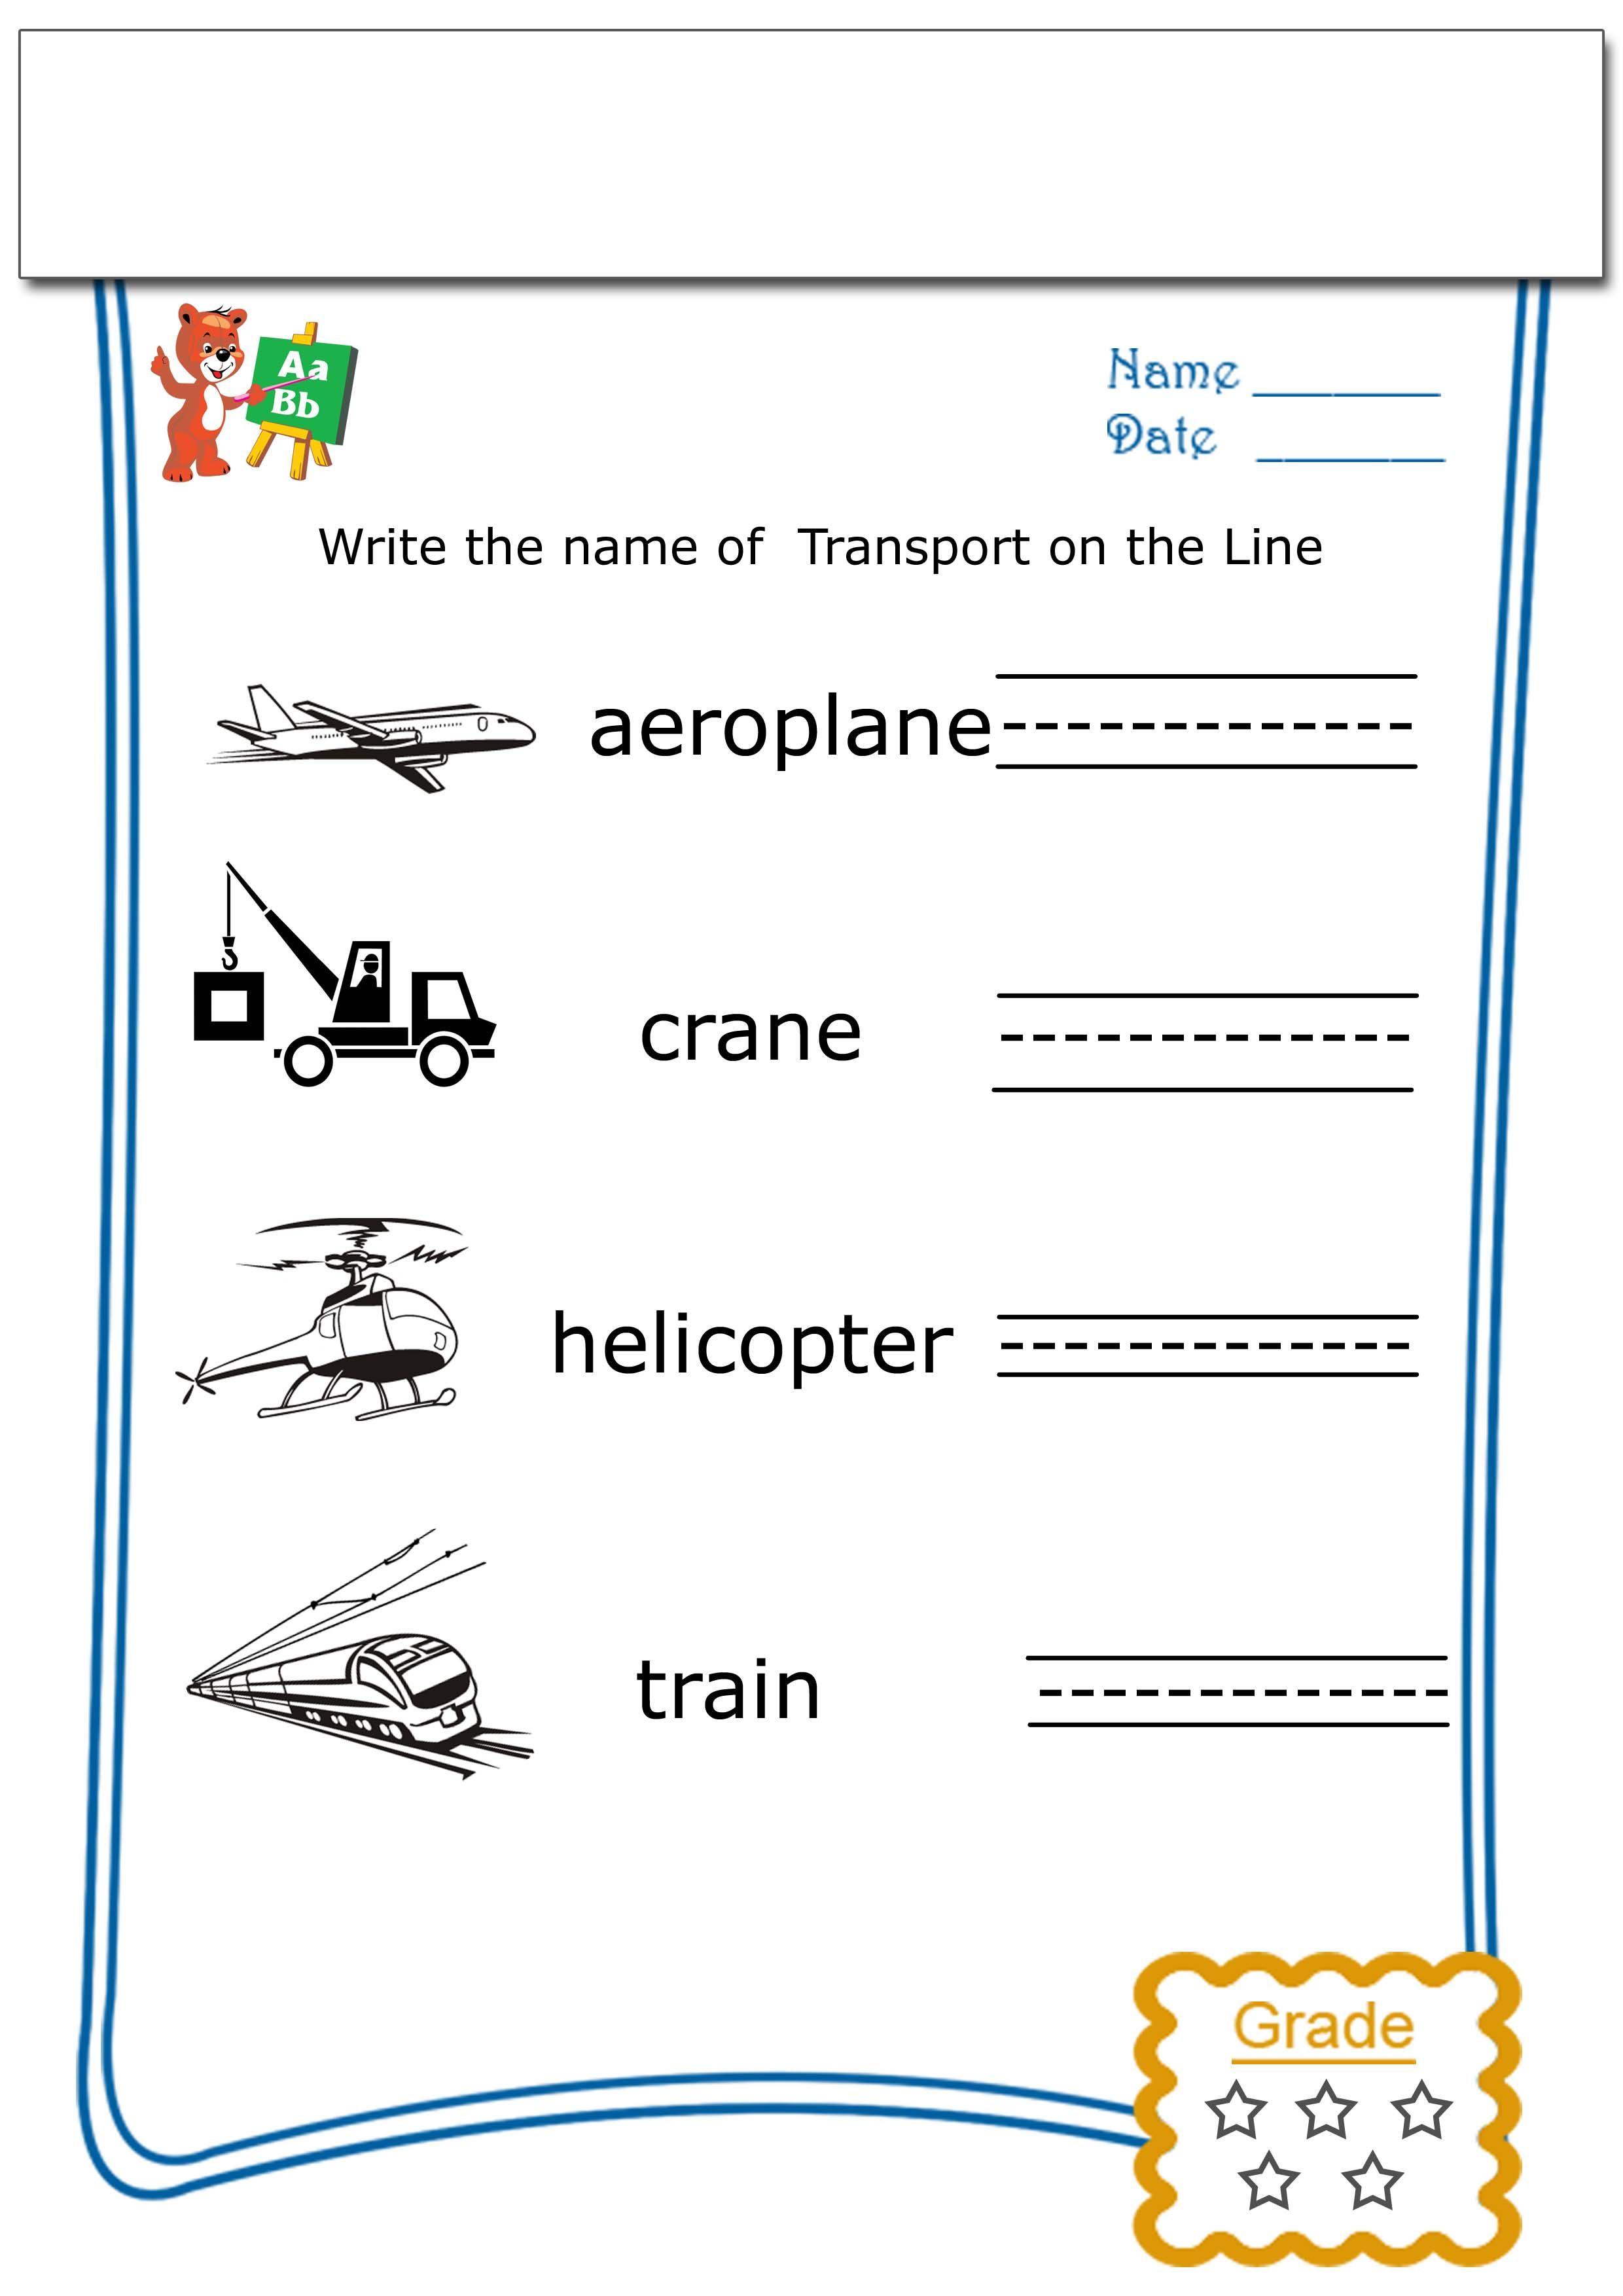 Transport Names